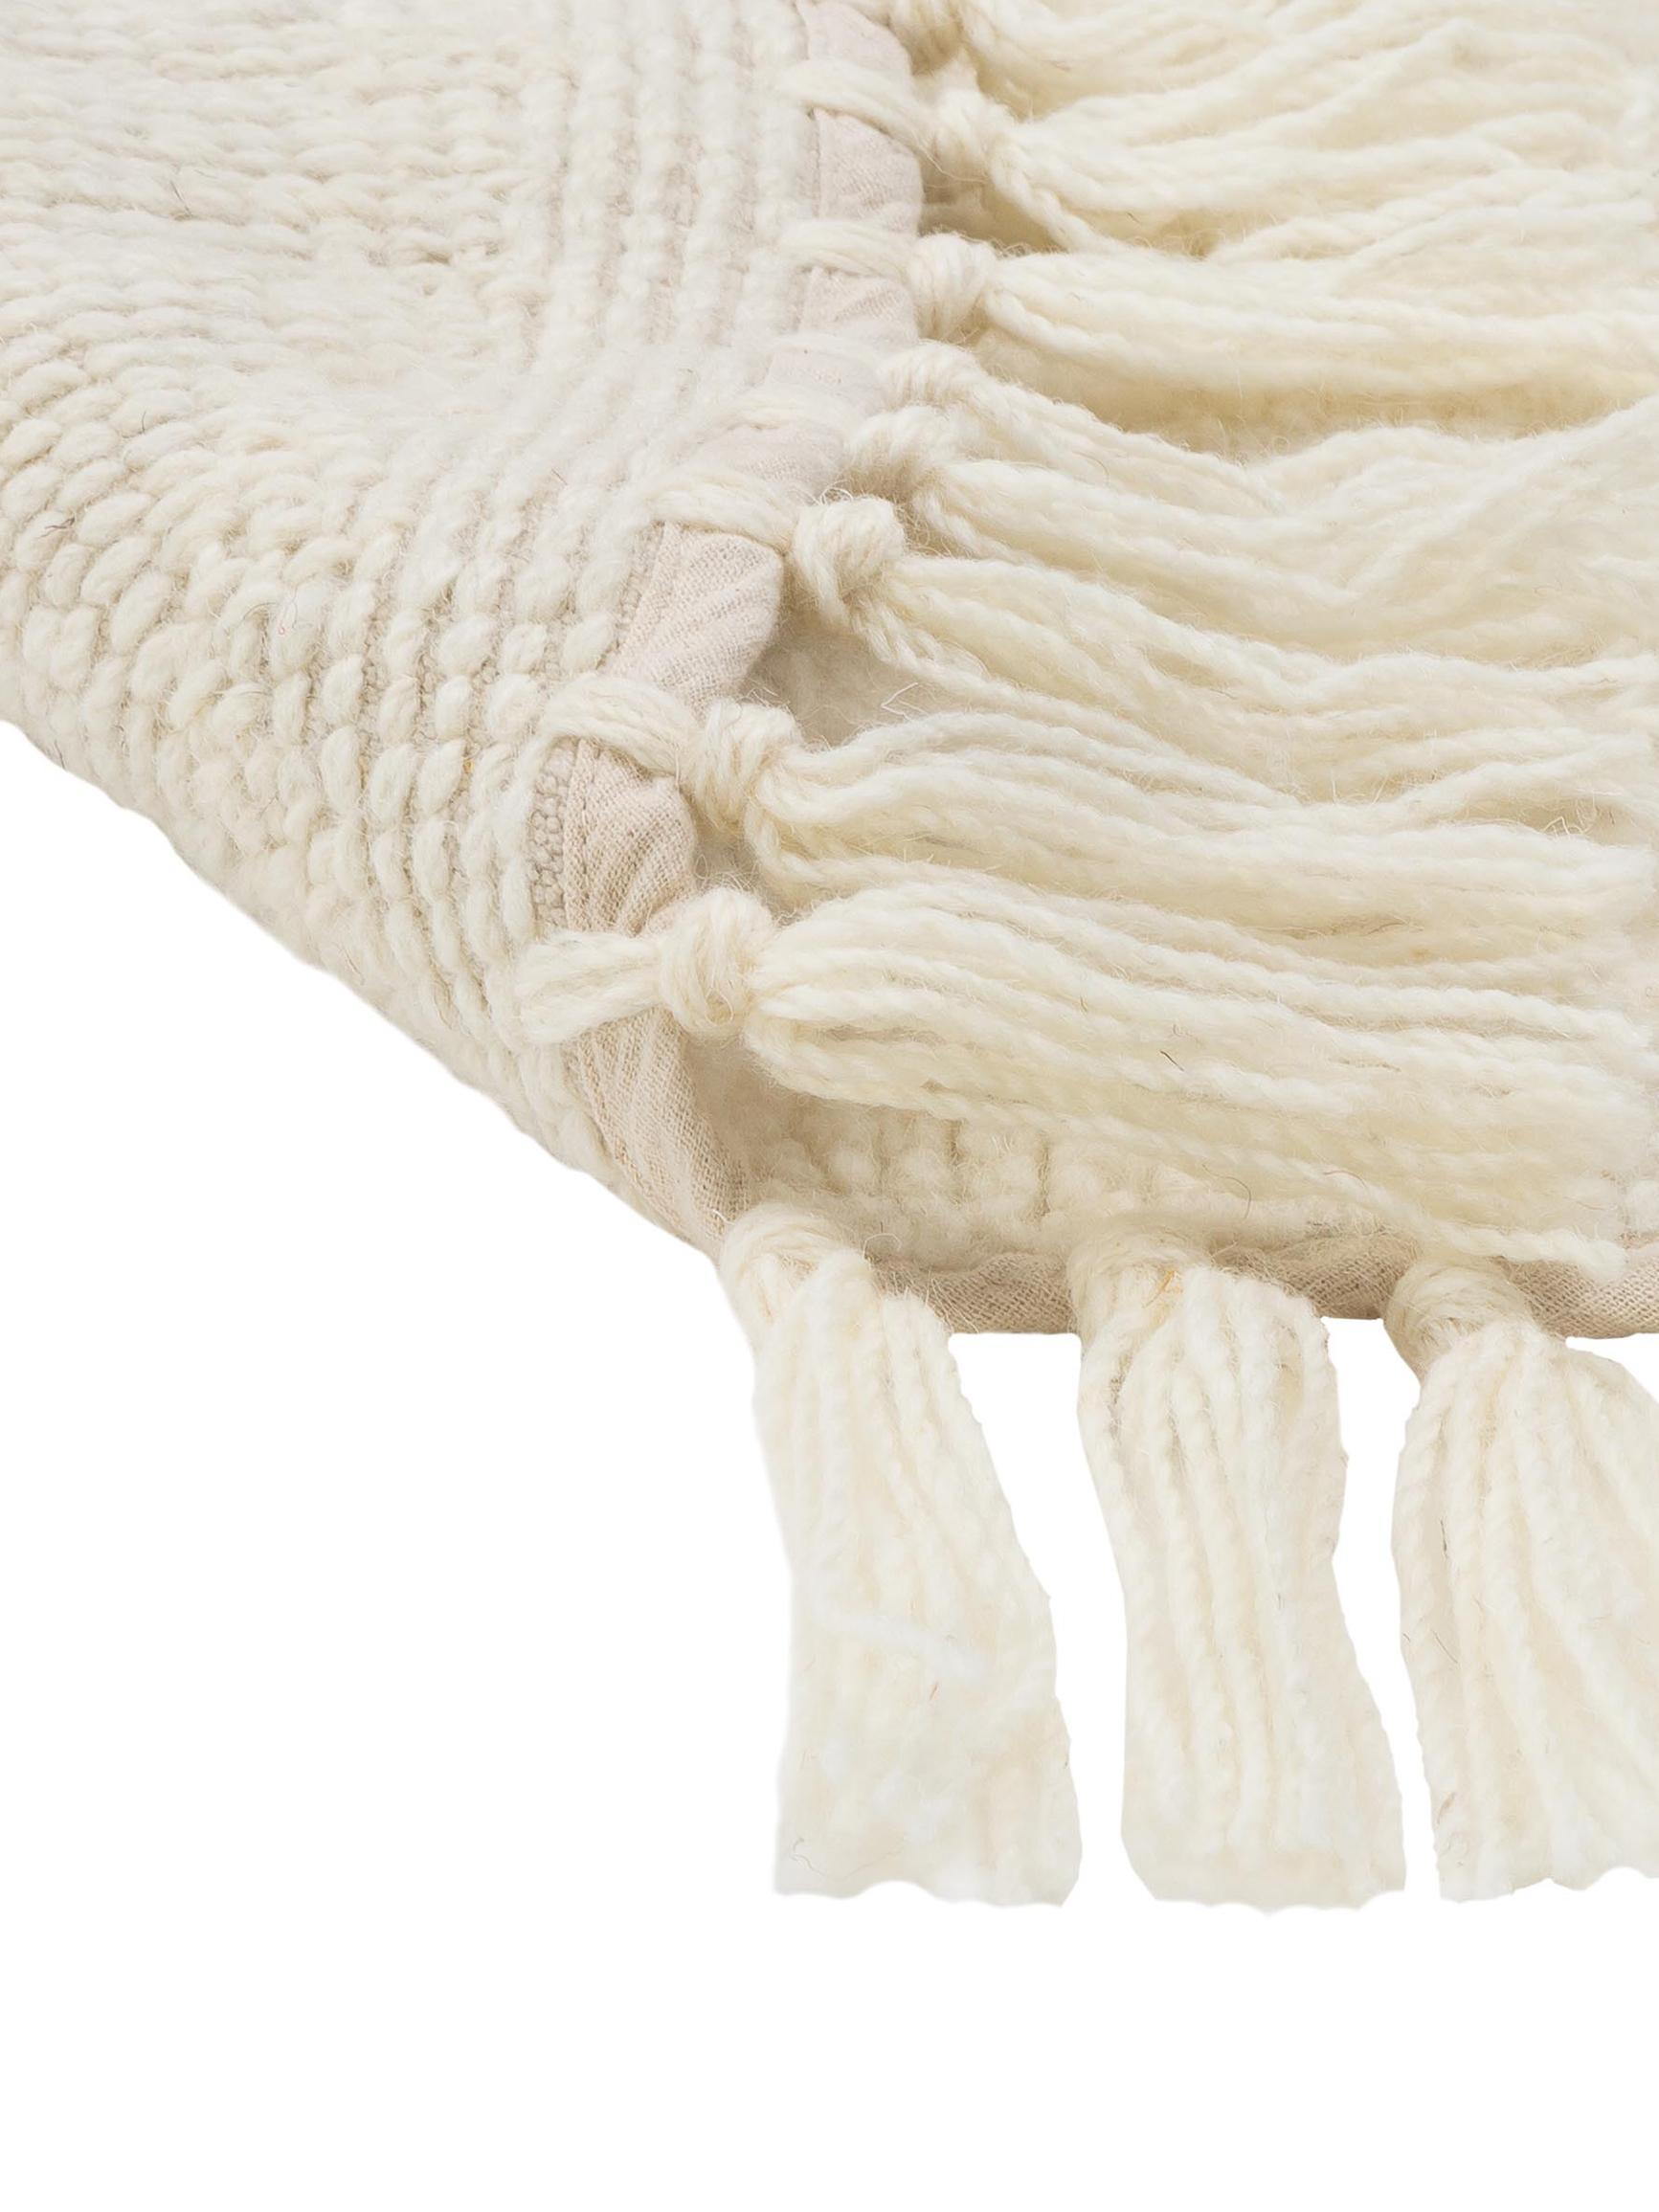 Runder Wollteppich Alma in Creme mit Fransen, Creme, Ø 126 cm (Grösse M)